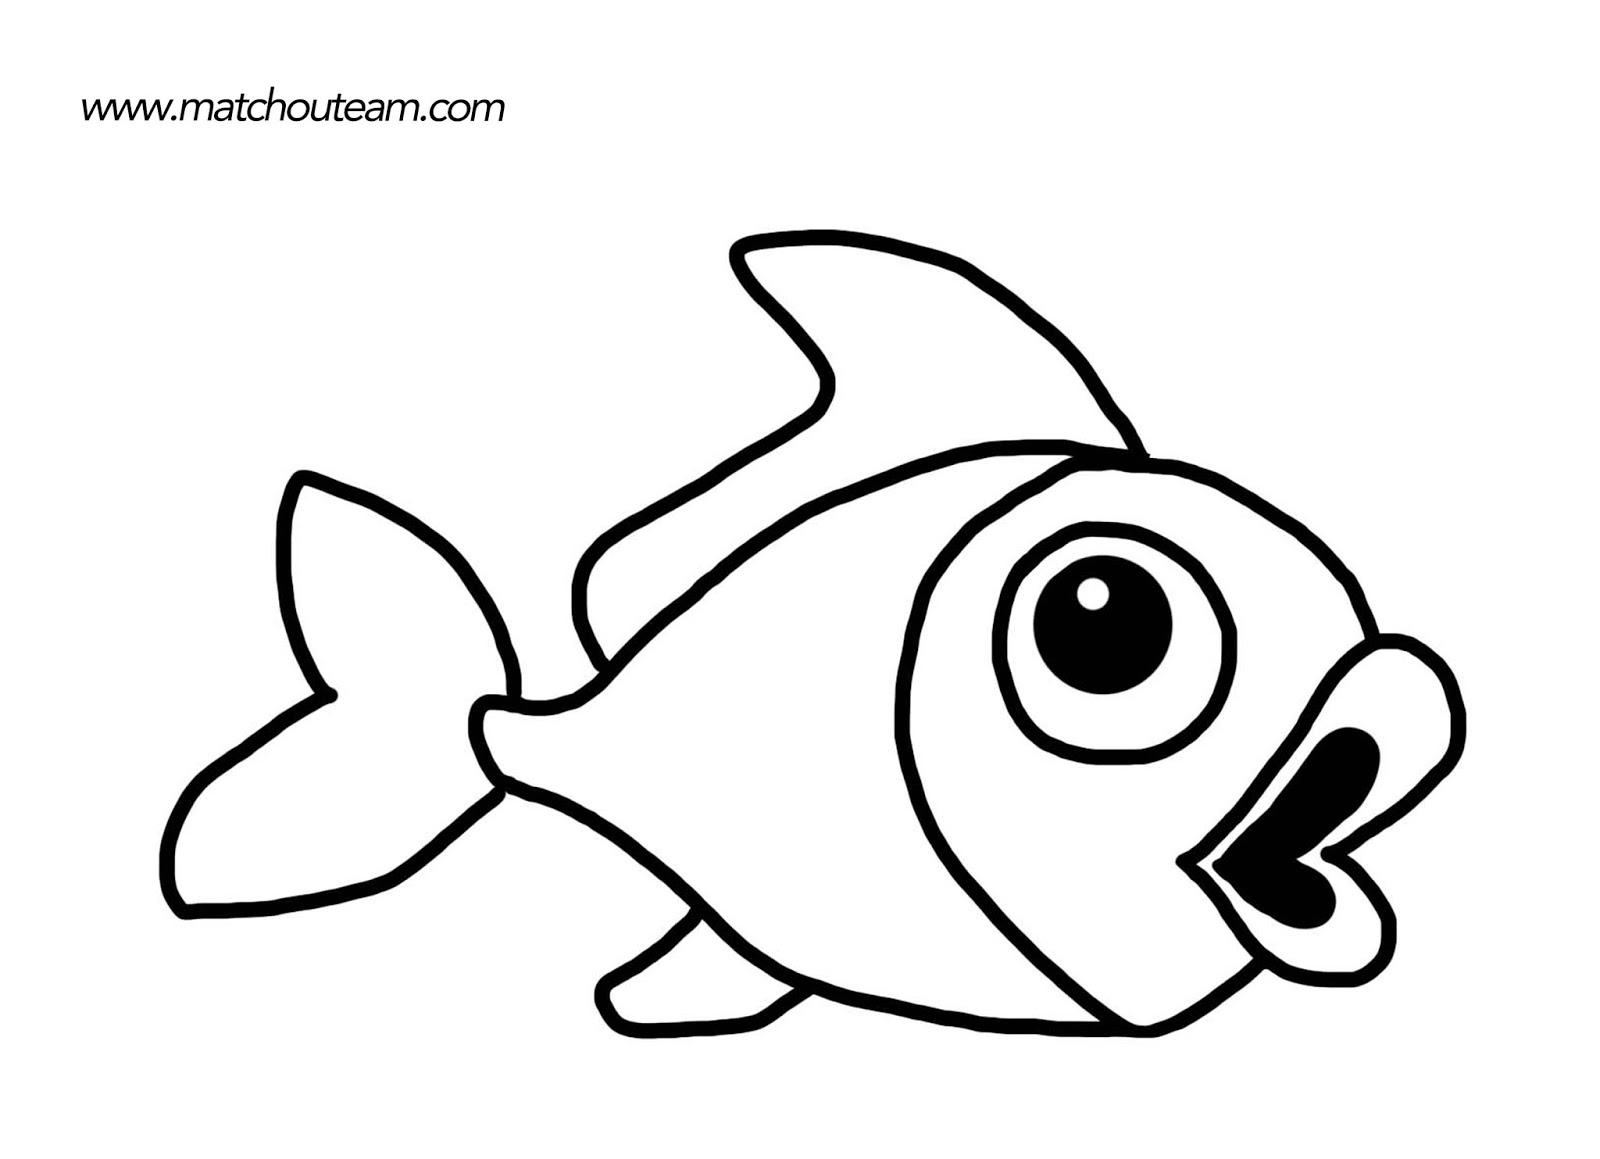 Dessin d 39 un poisson d 39 avril - Dessin a colorier poisson d avril ...